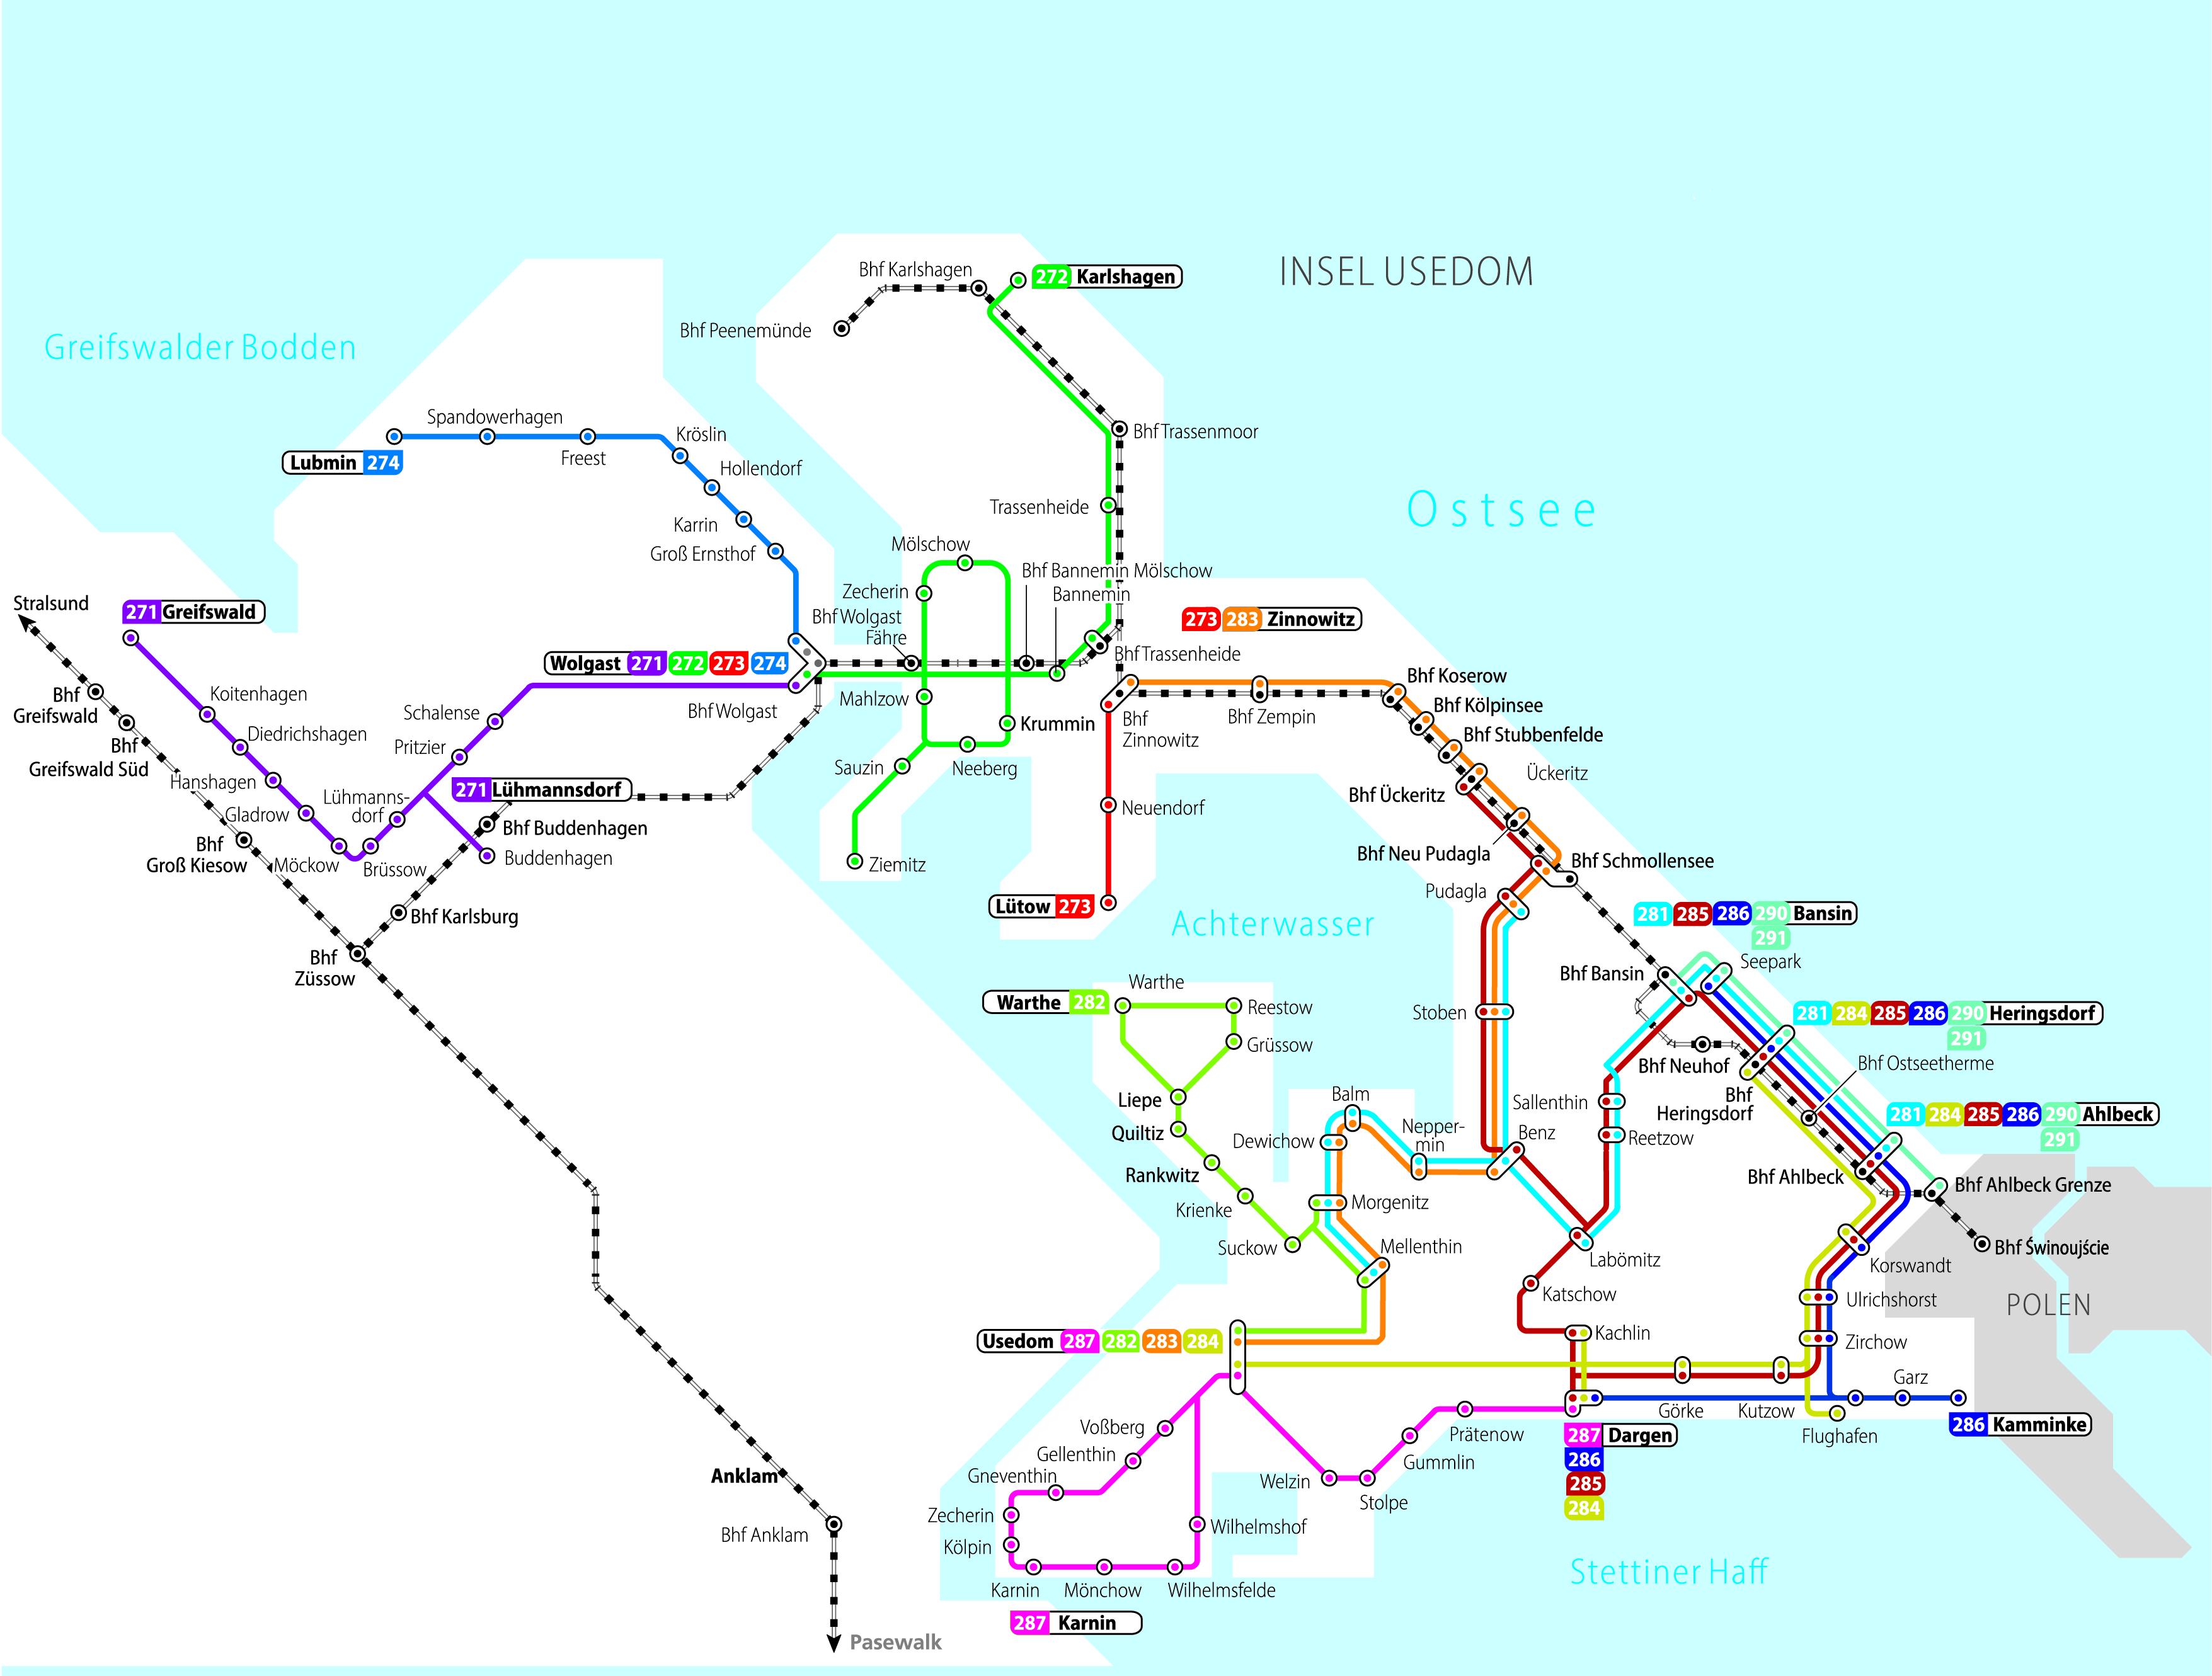 Gesamtübersicht UBB-regionalbuslinie Insel Usedom und Umgebung